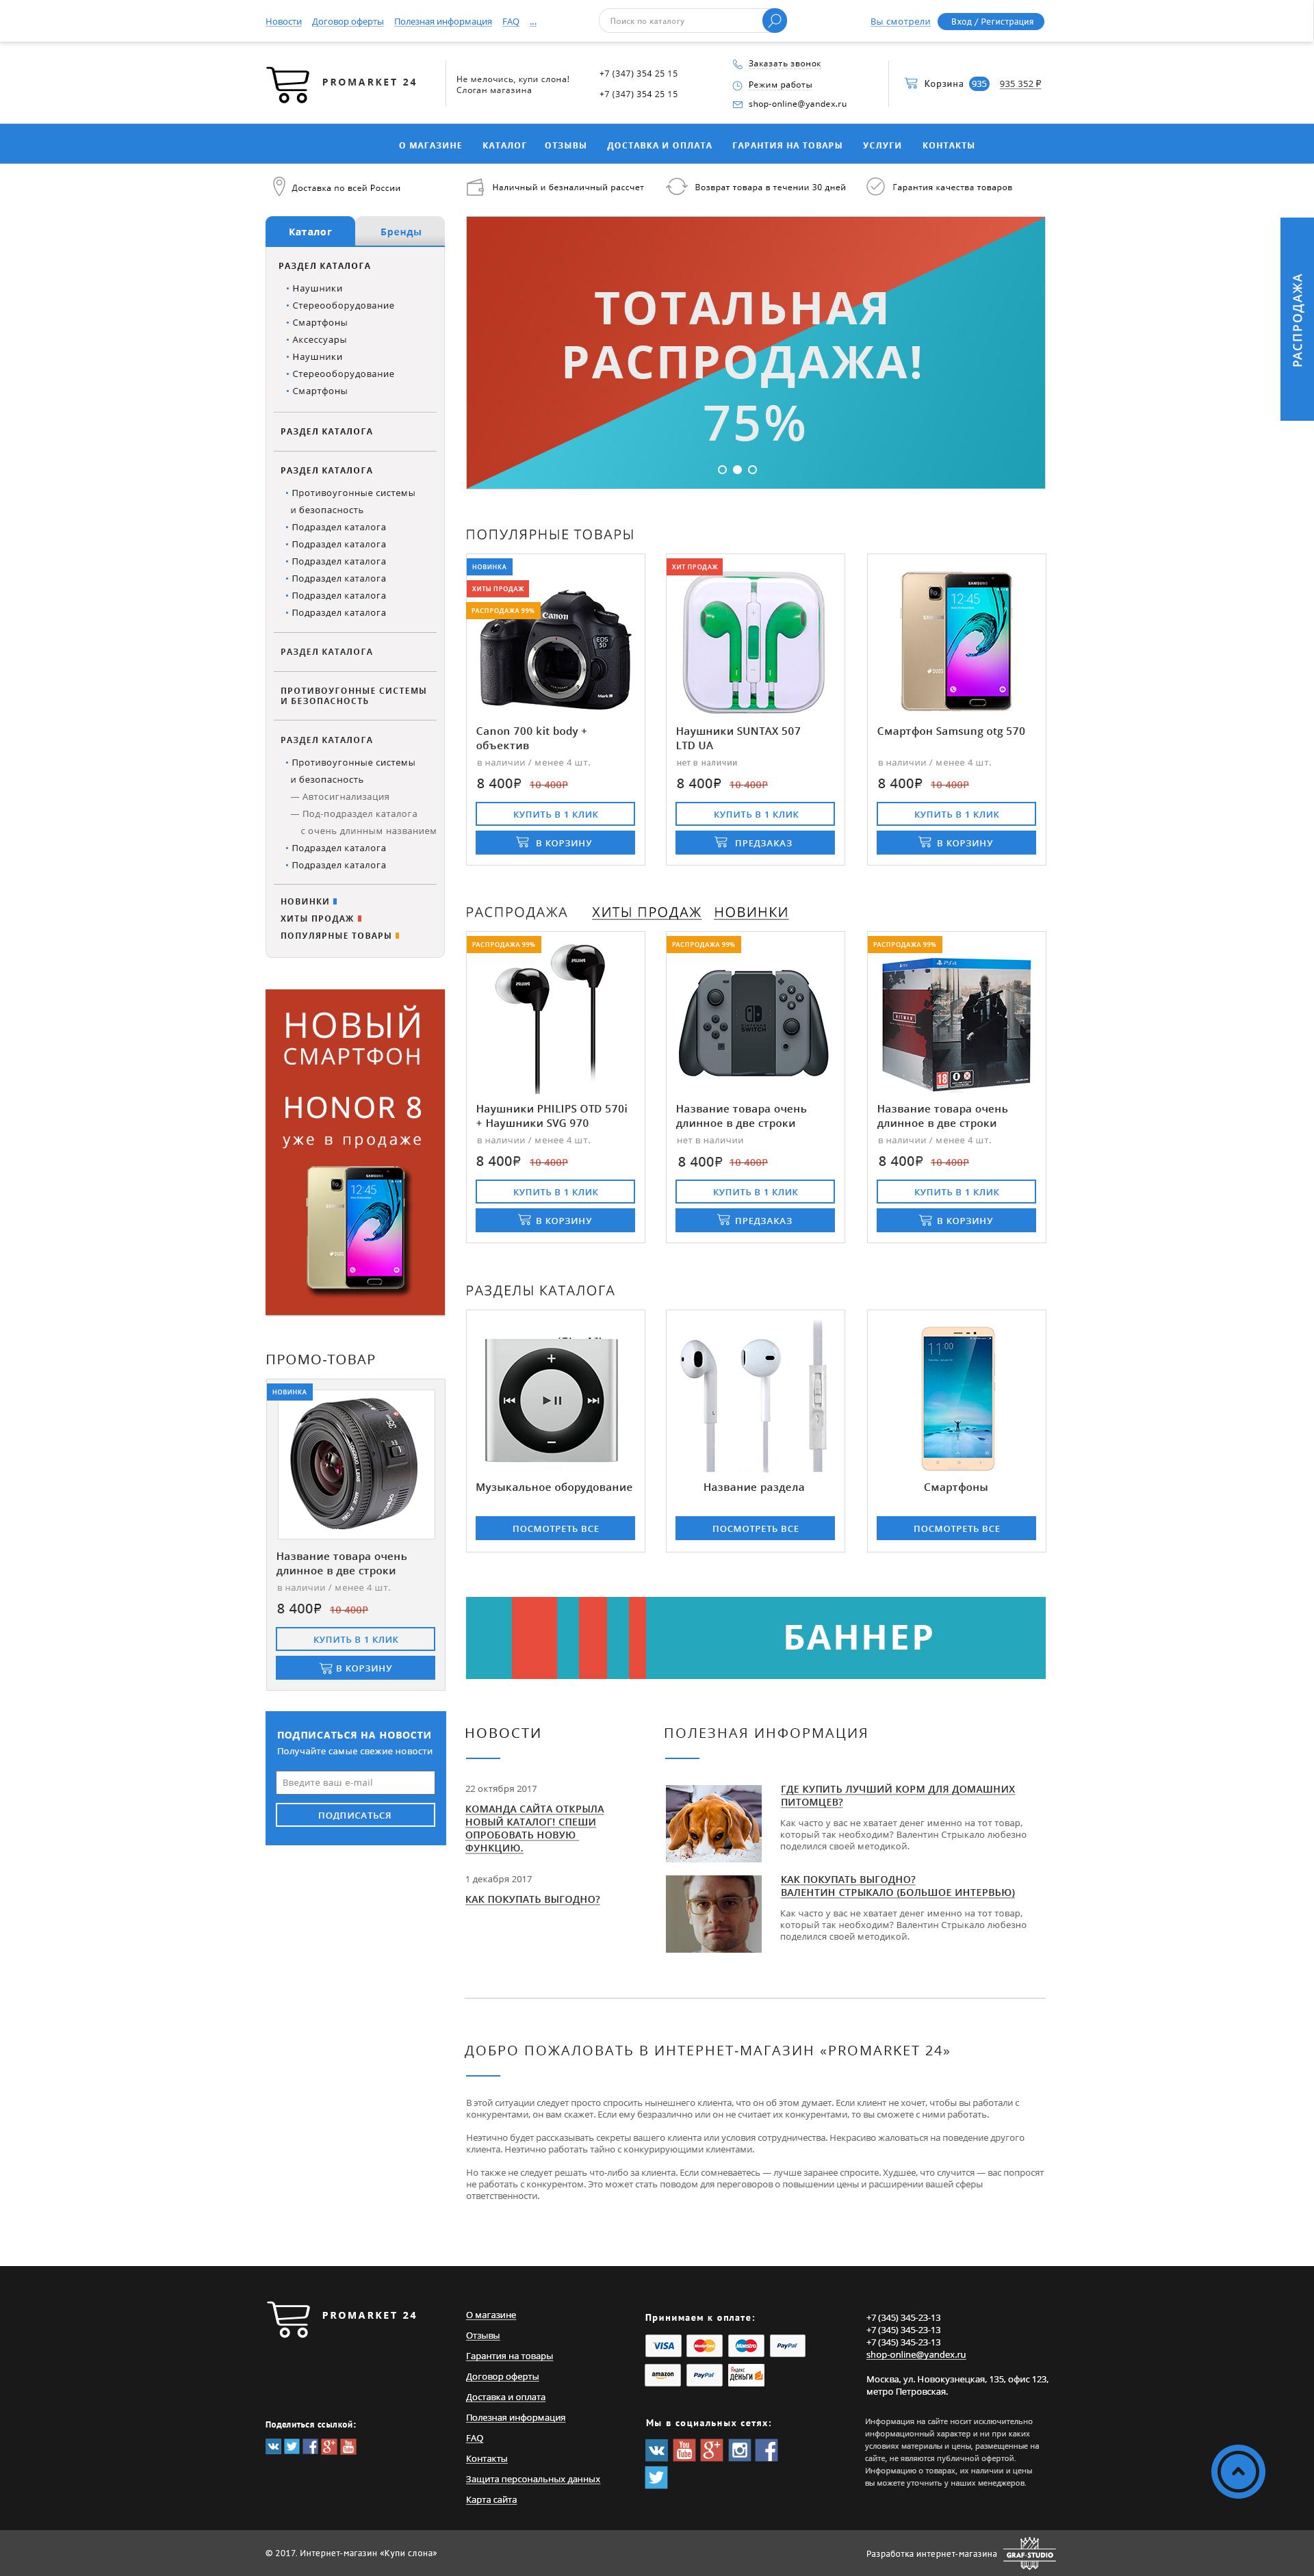 1318b7889 Готовое решение: Готовый адаптивный интернет-магазин «ProMarket 24»